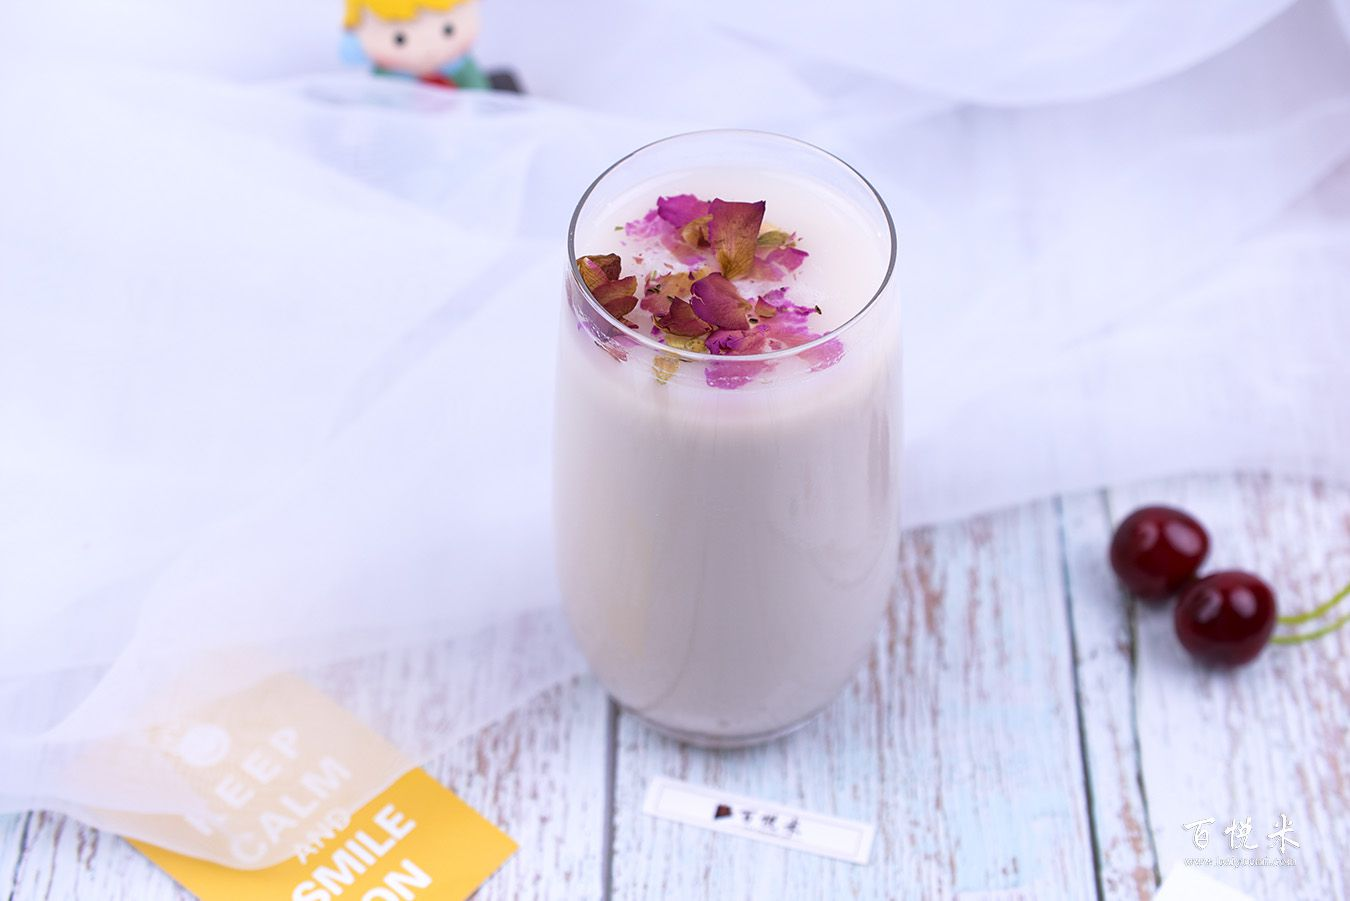 玫瑰奶茶高清图片大全【蛋糕图片】_1196